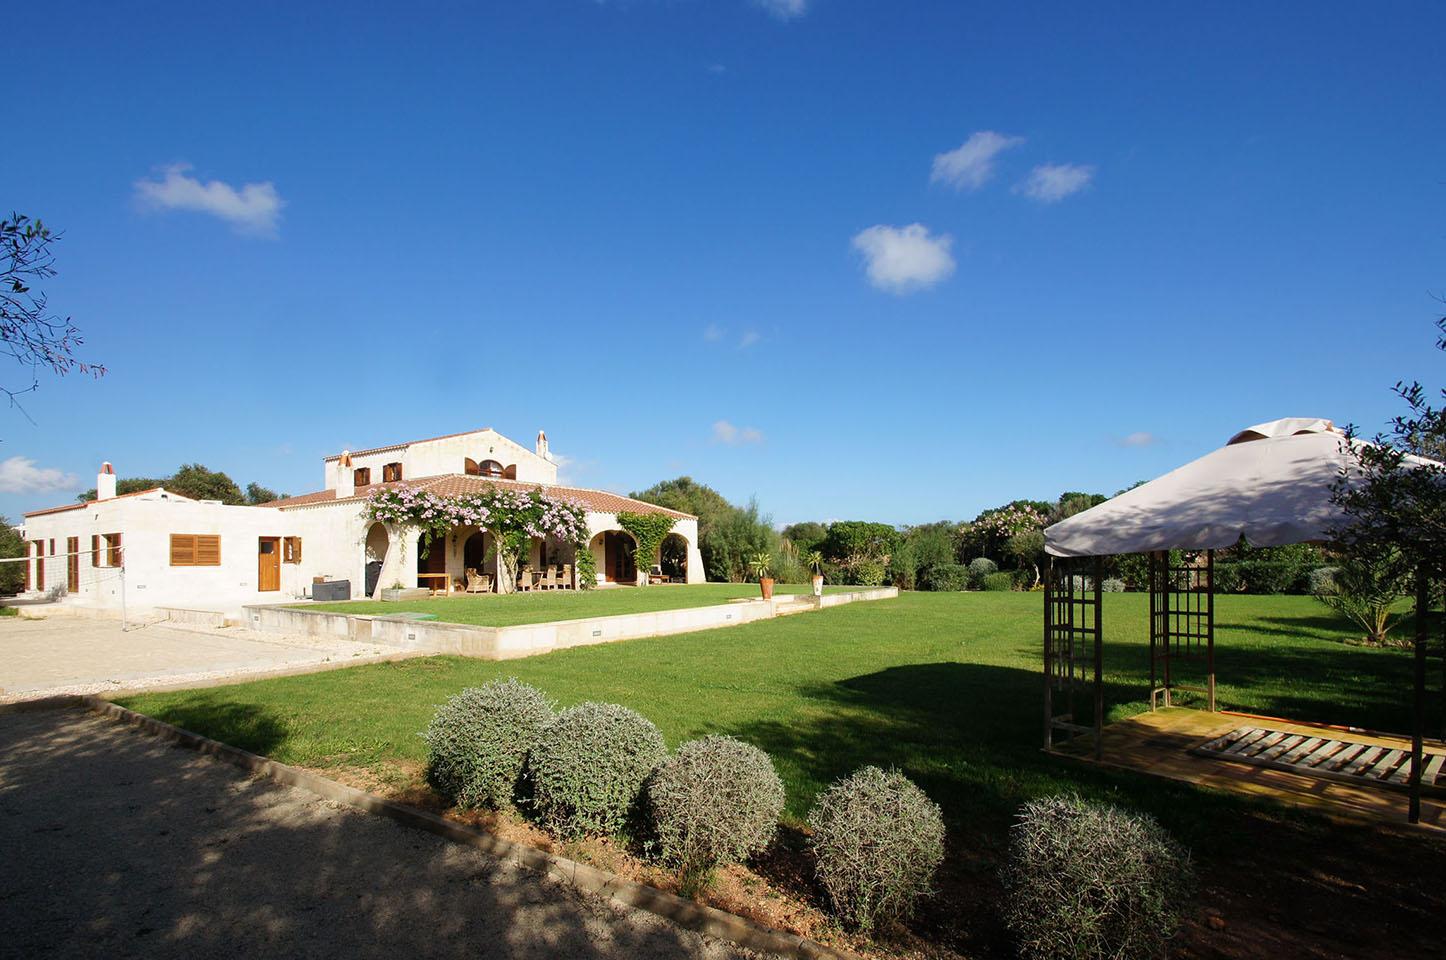 Alquiler de villas privadas en Menorca